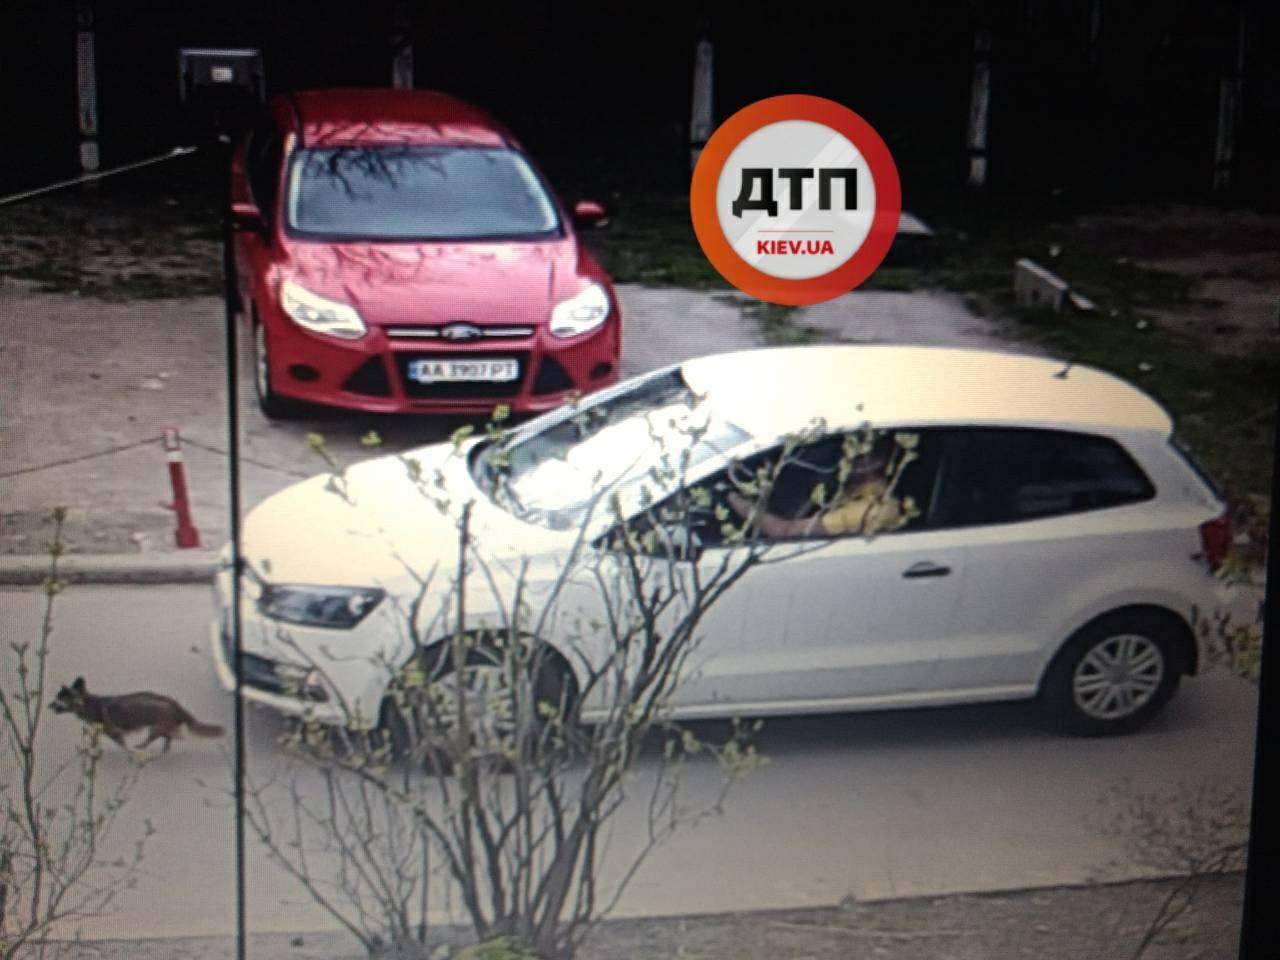 В Киеве водитель авто намеренно раздавил маленькую собачку